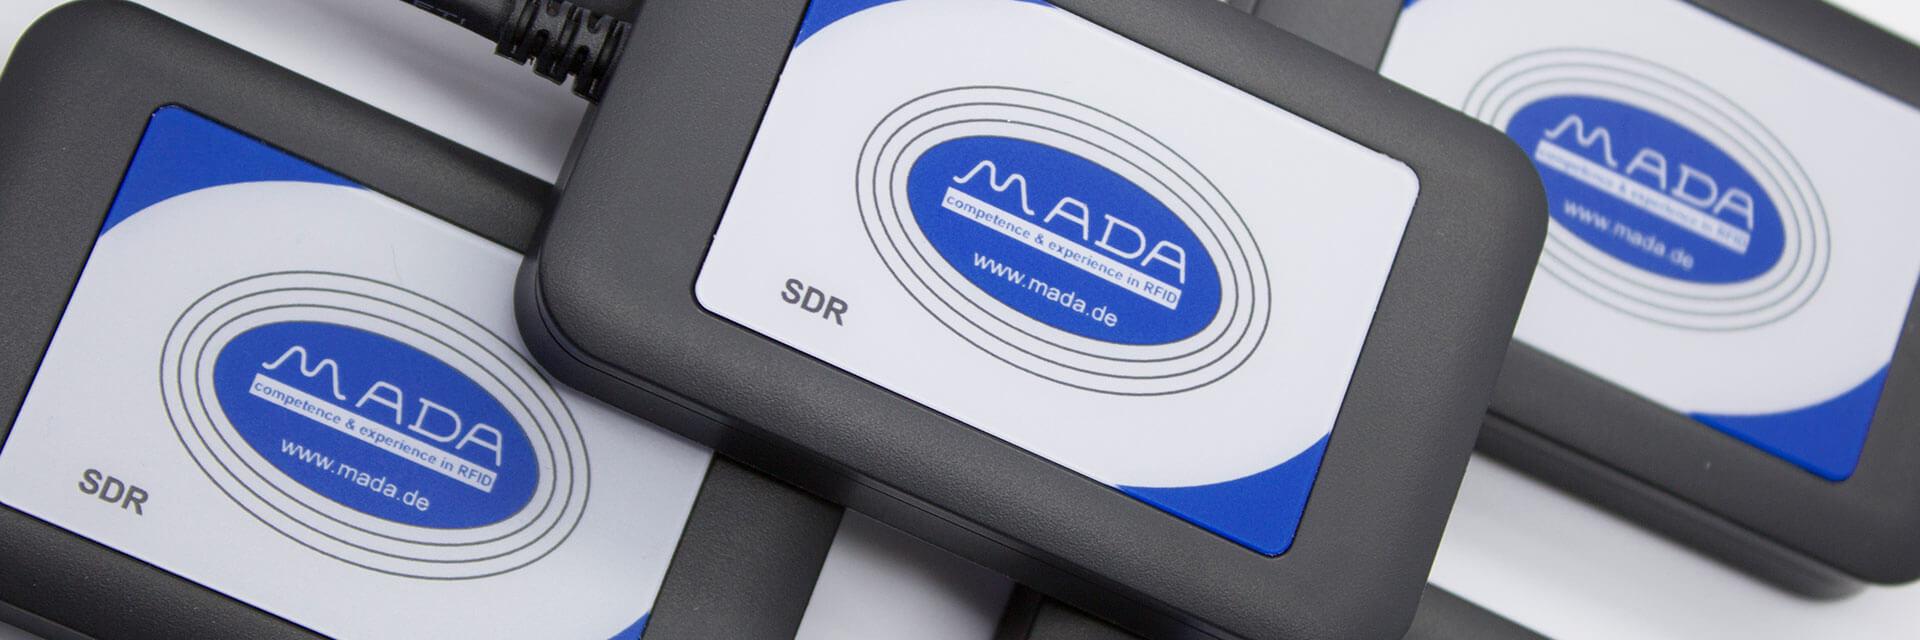 Kartensysteme von Mada, Detailansicht